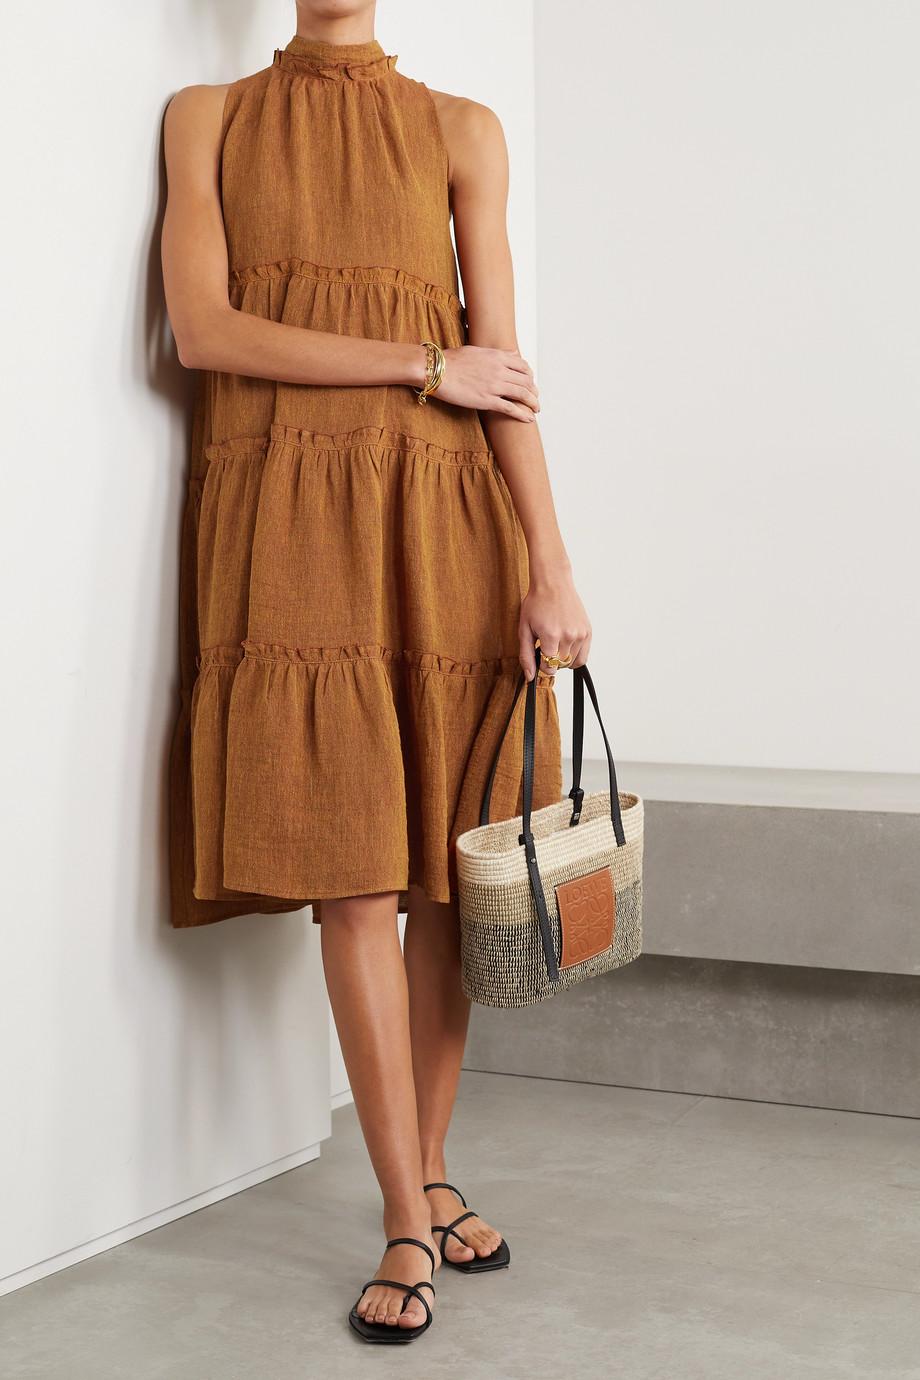 Lisa Marie Fernandez + NET SUSTAIN Erica ruffled tiered organic linen-blend gauze dress